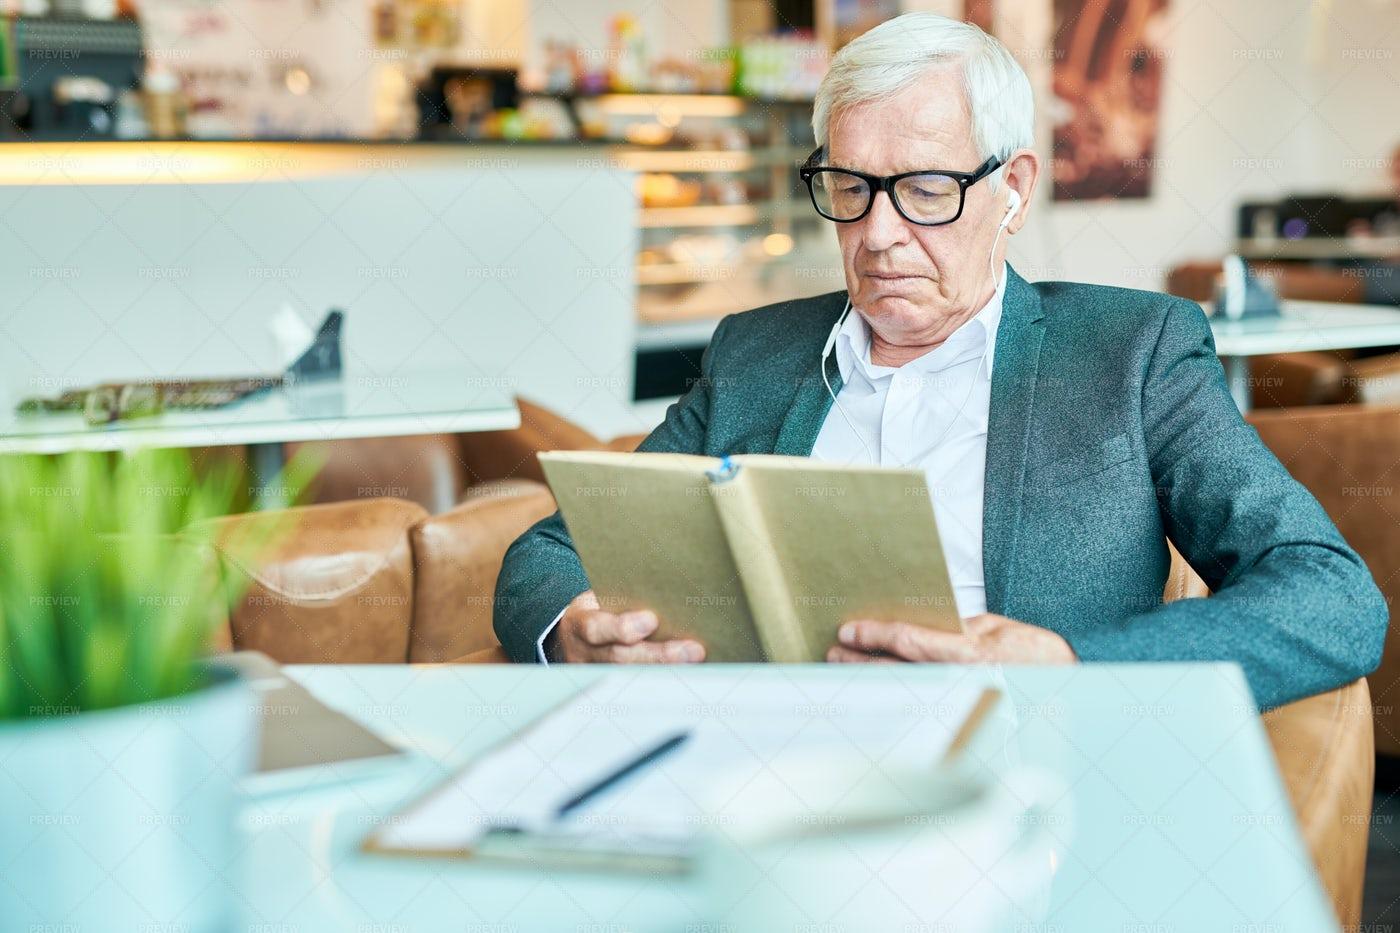 Senior Man Reading Book In Cafe: Stock Photos